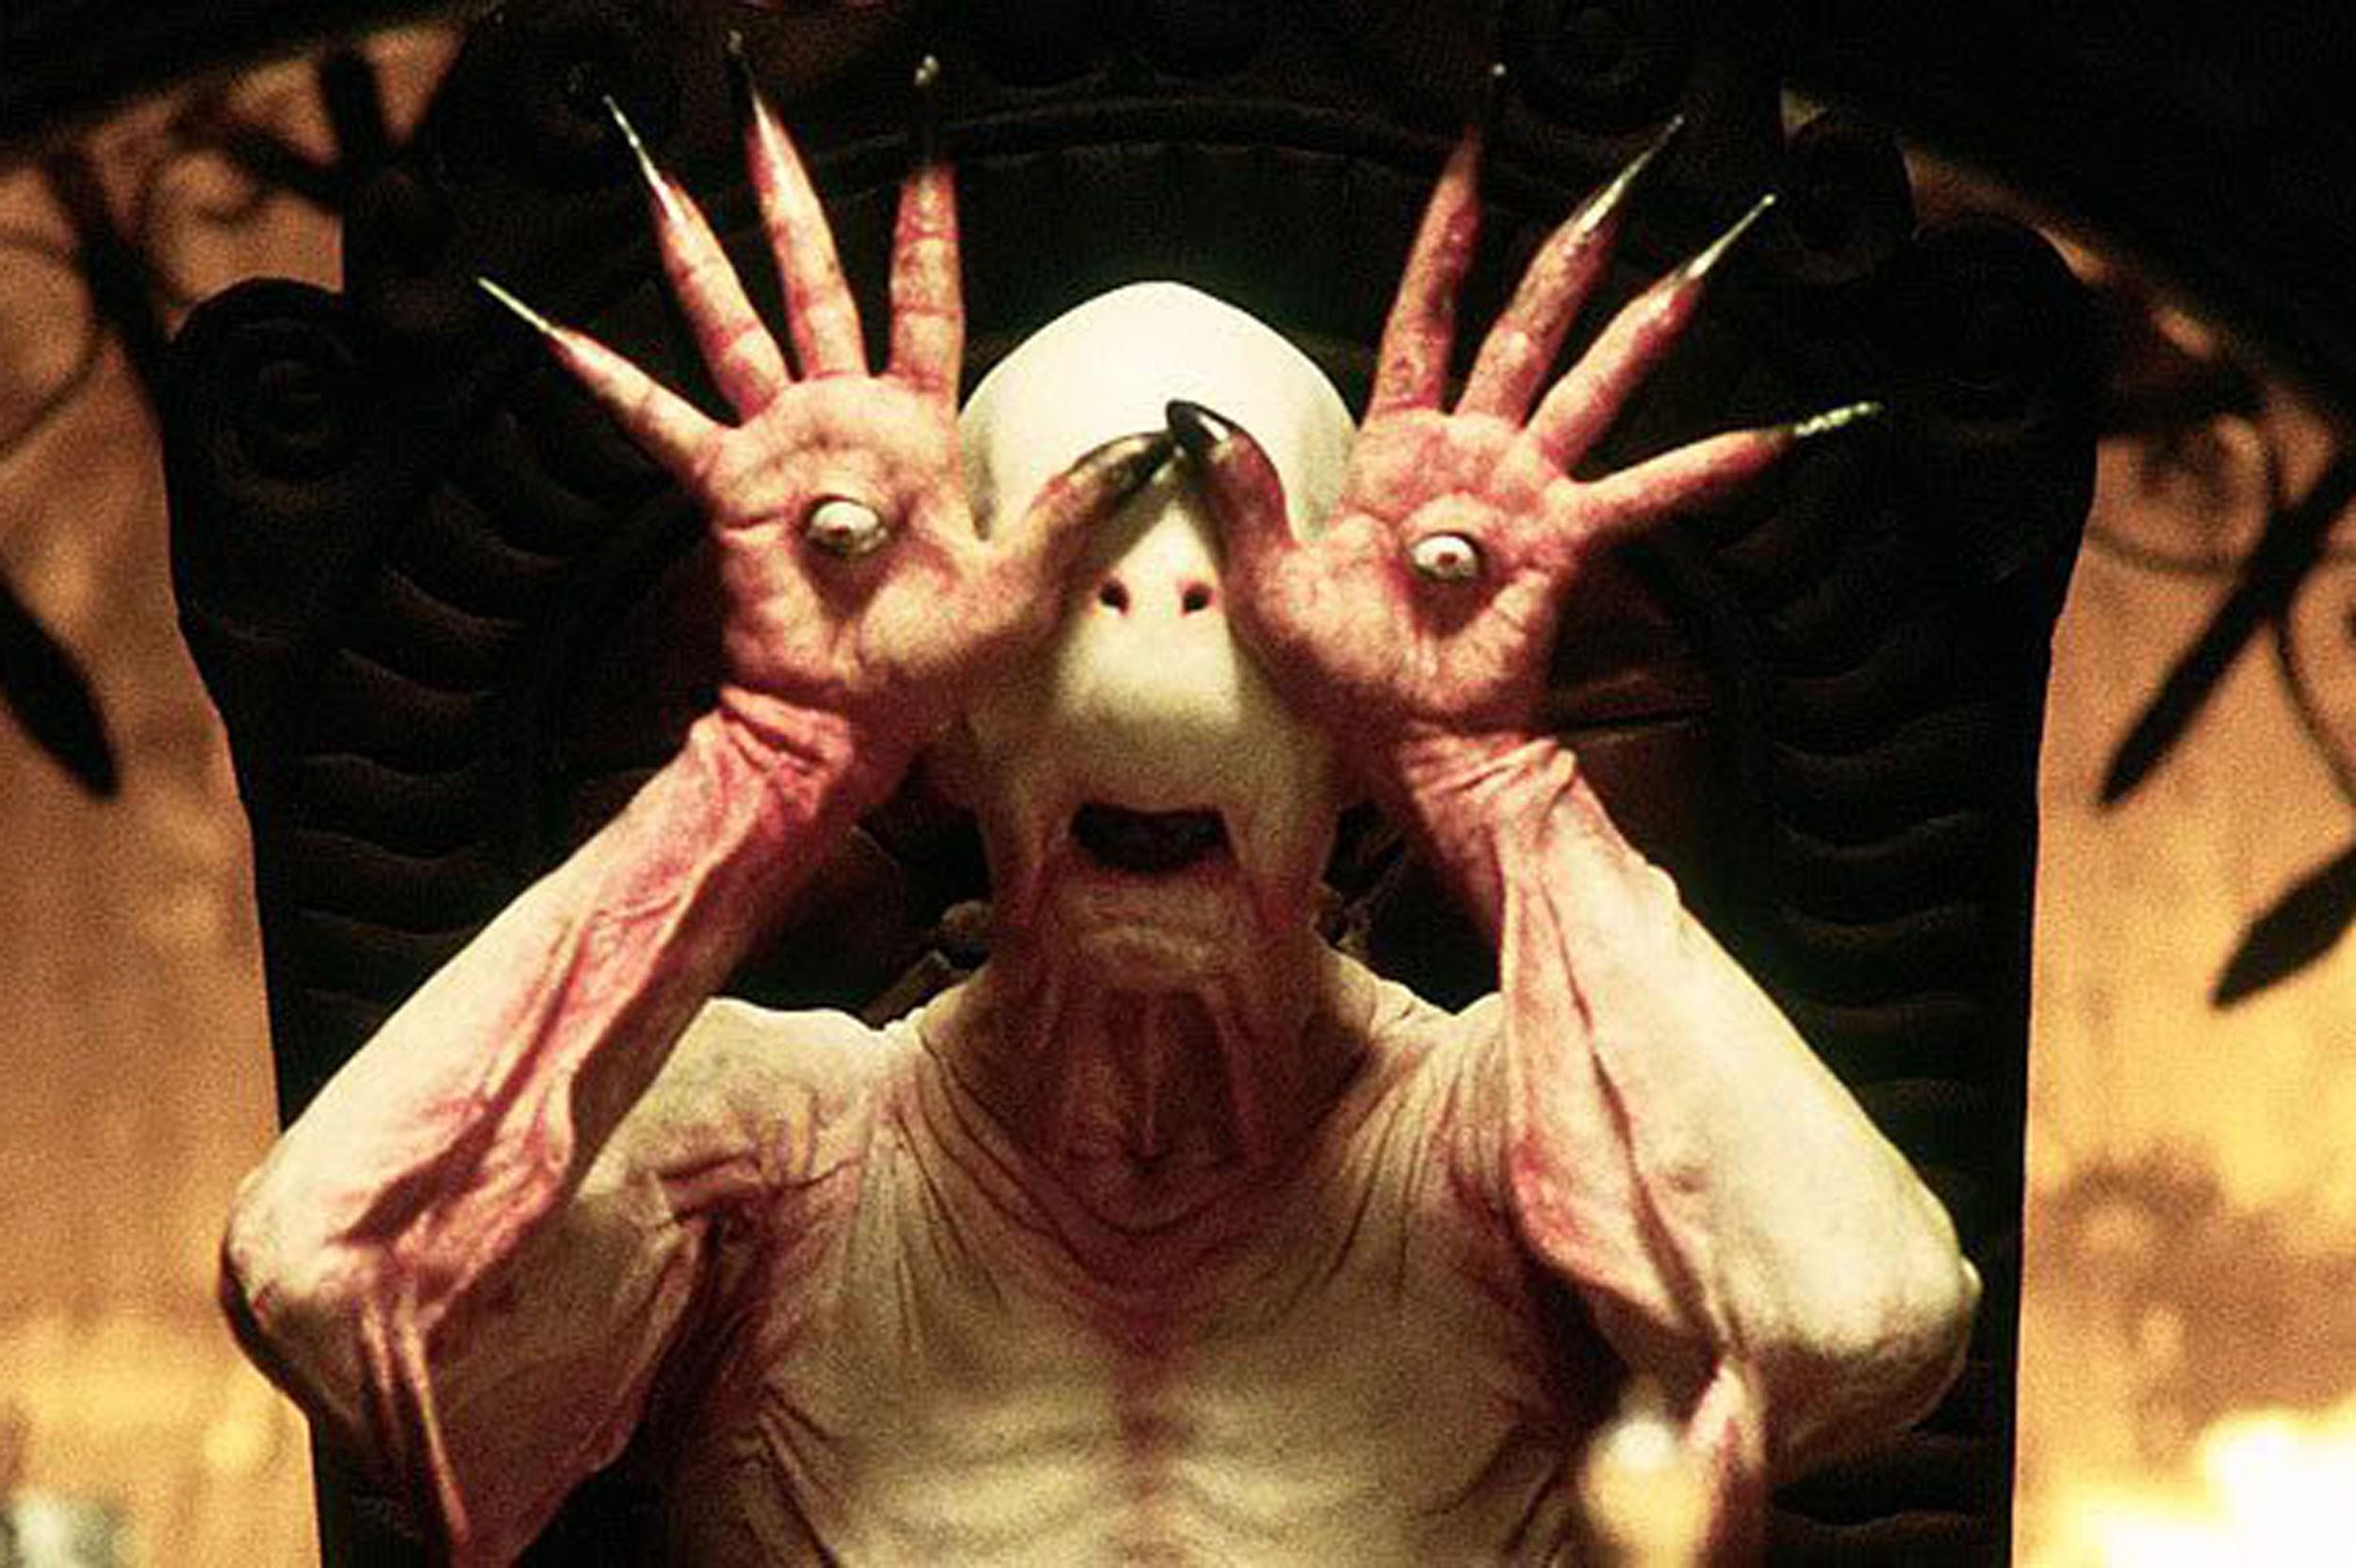 Image do filme 'O Labirinto do Fauno', também conhecido como 'Pan's Labyrinth', que mostra o Homem Pálido. Os olhos colados à mãos, enquanto as mãos estão sobre o rosto da criatura.